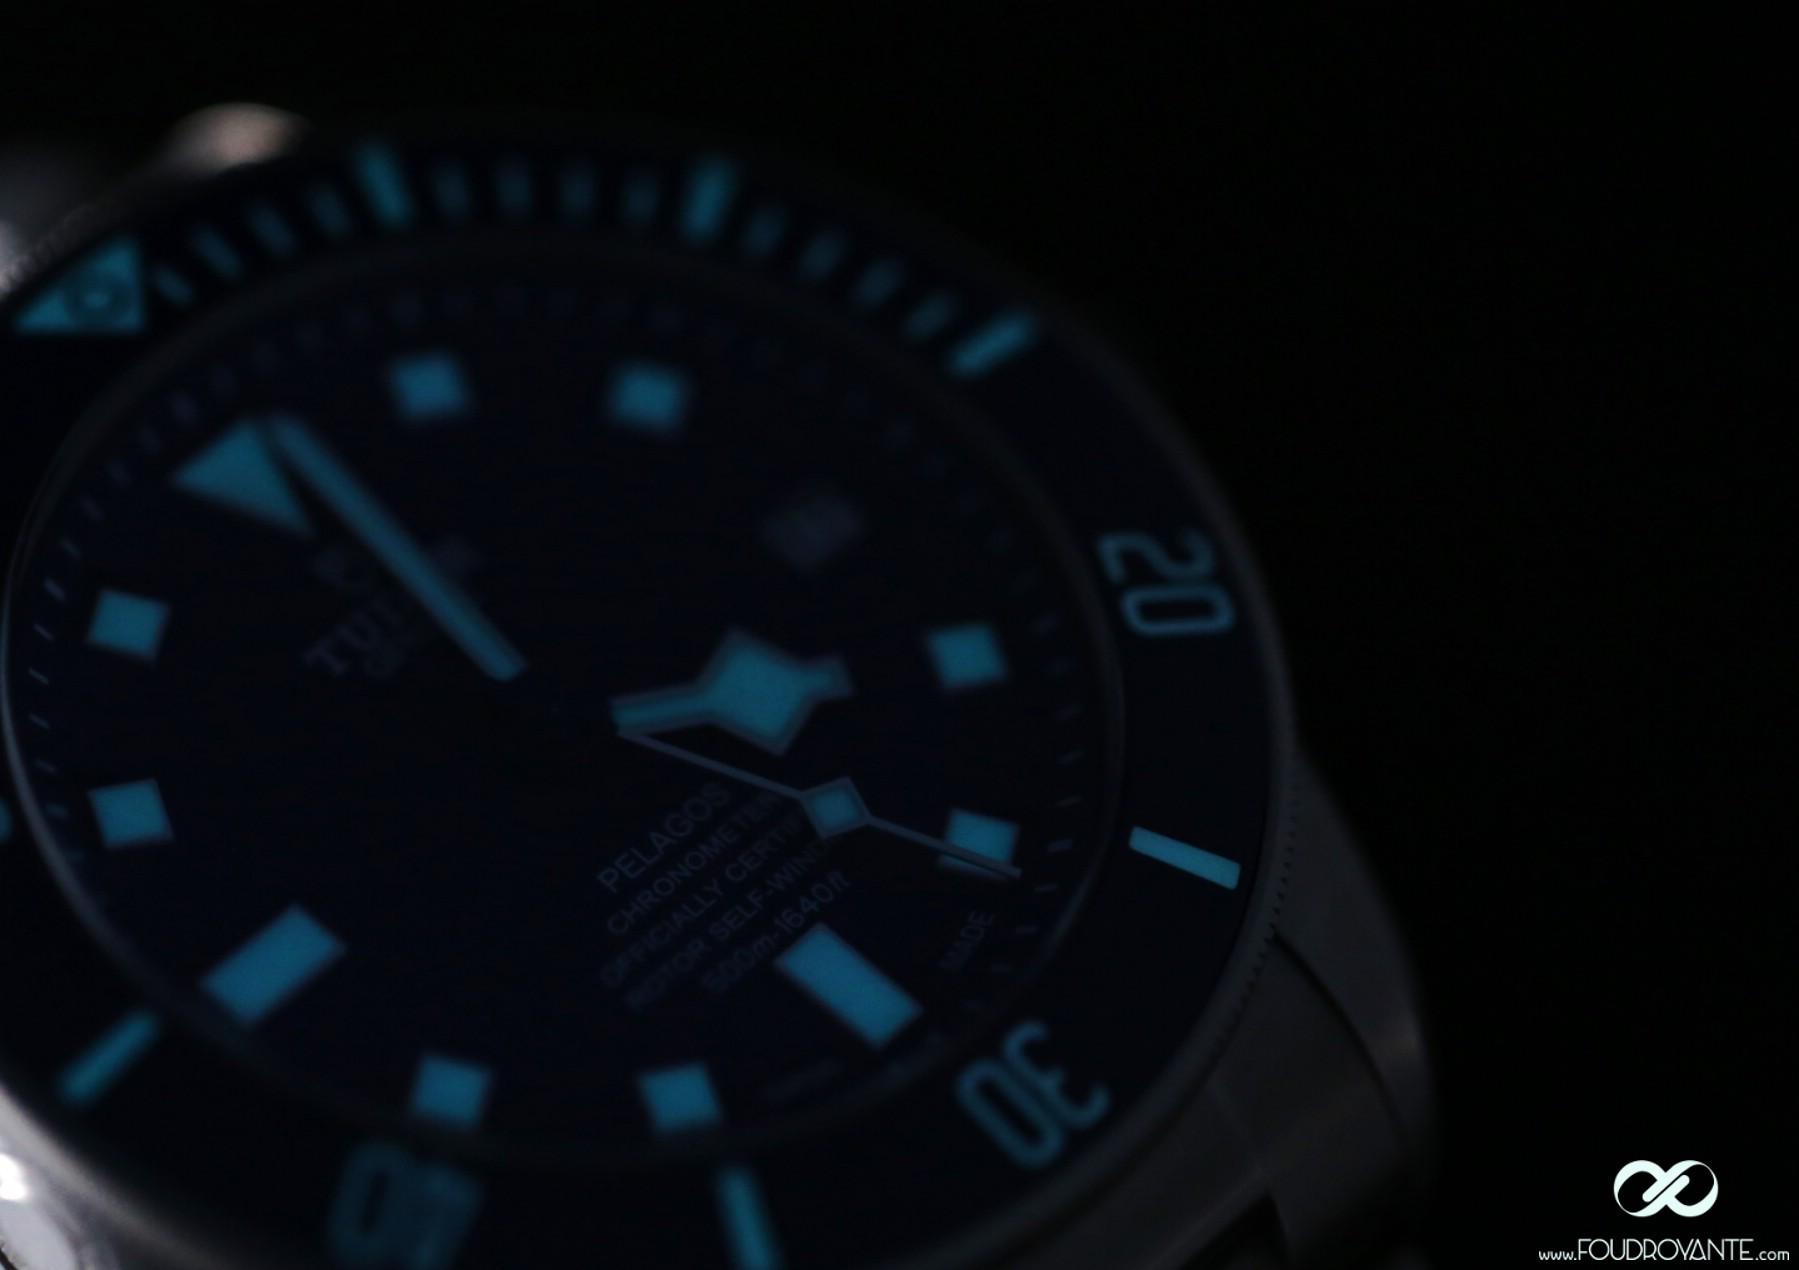 Tudor Pelagos Blue (2)